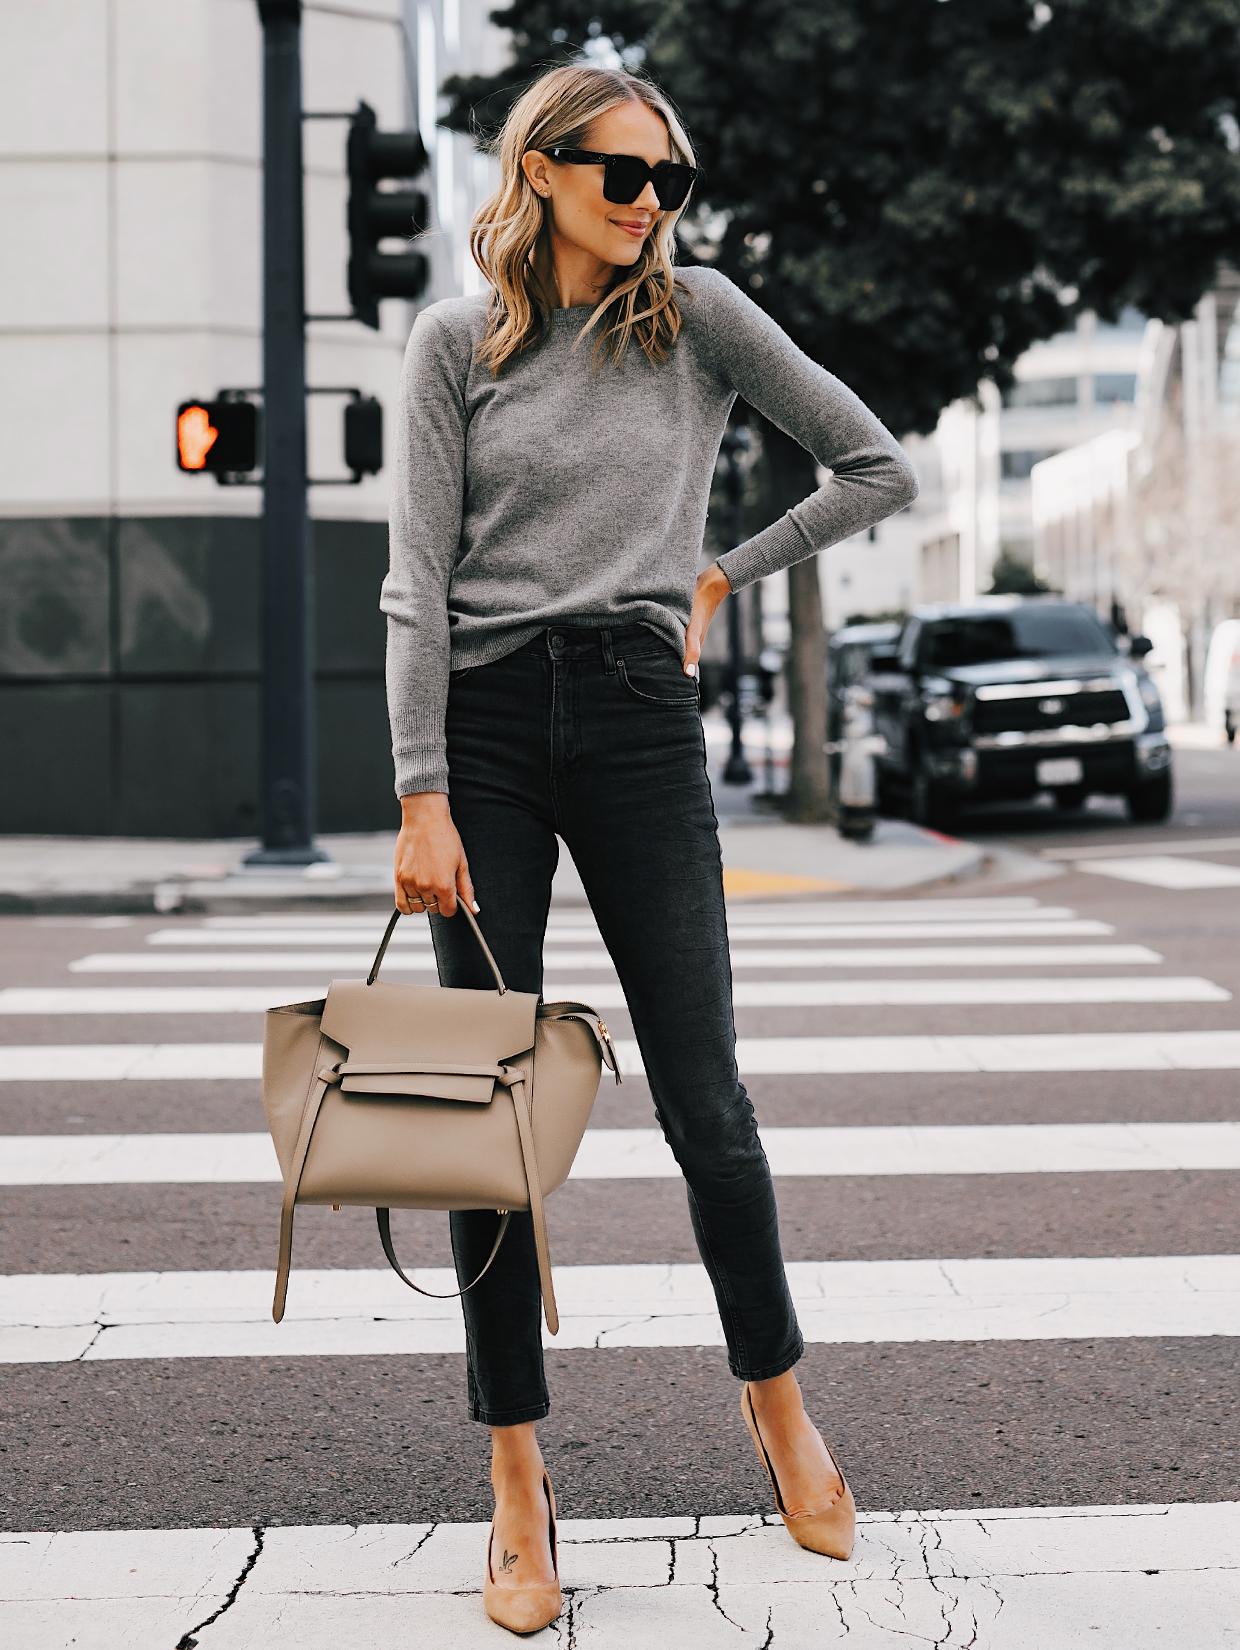 cc6e1c6a07371 My Honest Review of The Celine Mini Belt Bag | Fashion Jackson